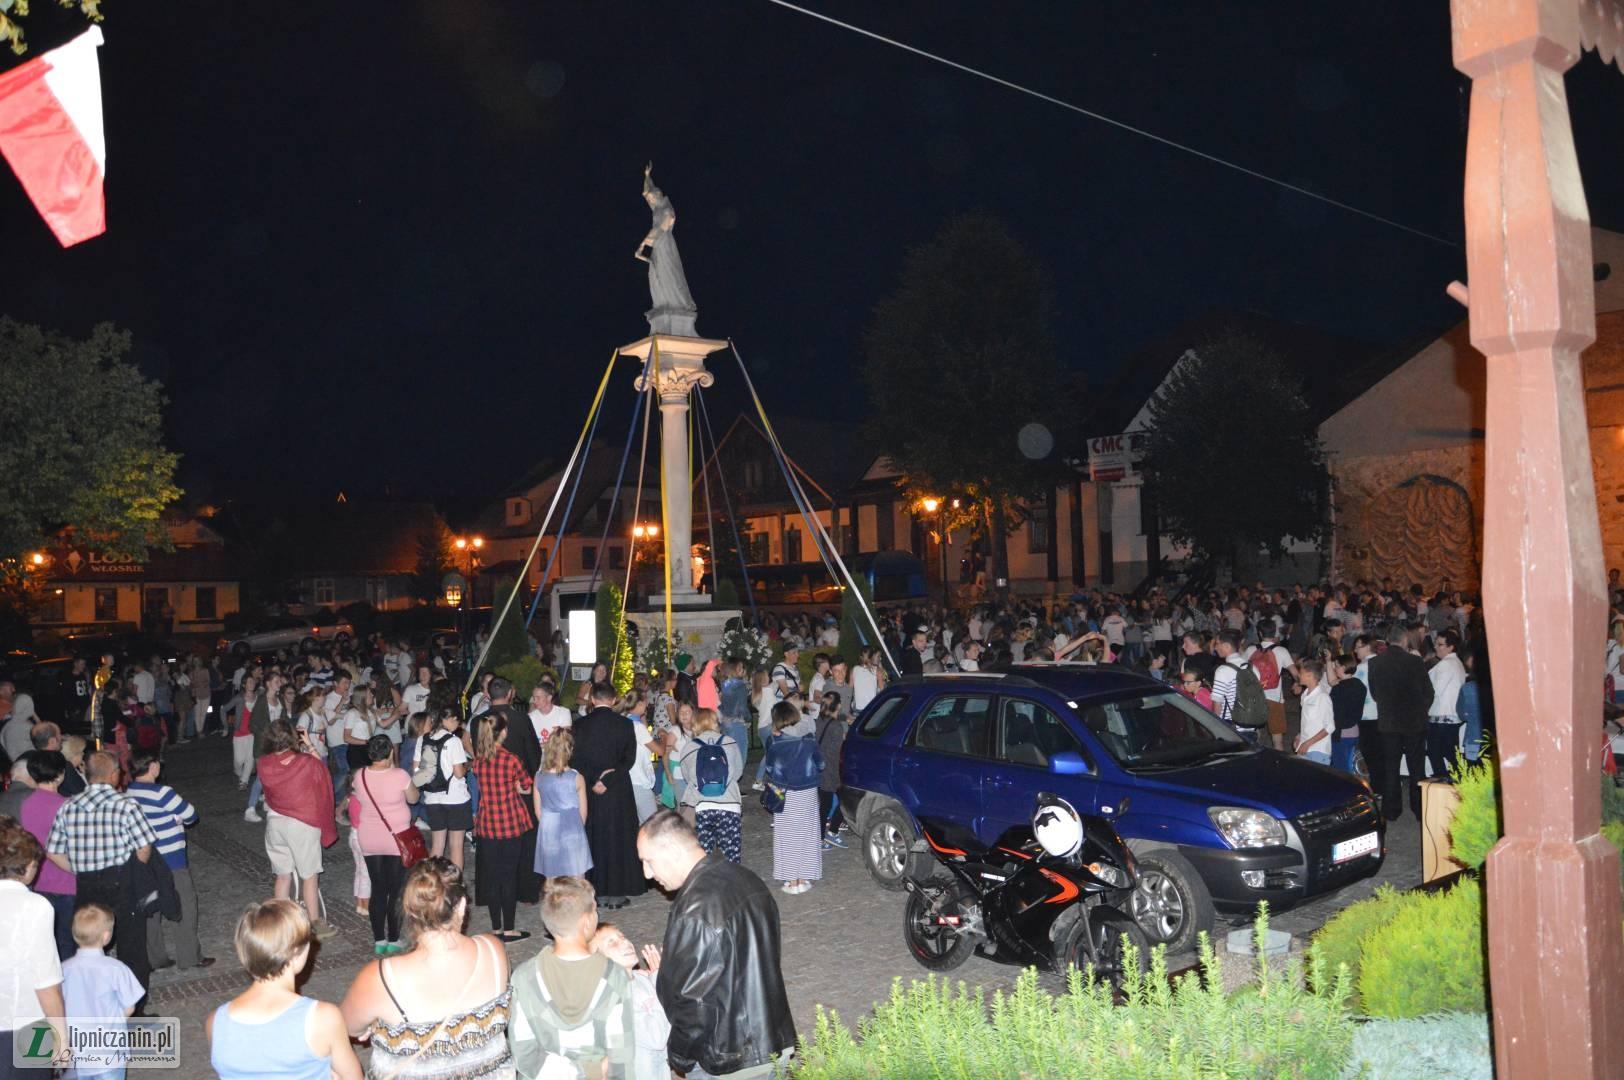 Apel pod figurą Świętego Szymona z udziałem młodzieży biorącej udział w ŚDM